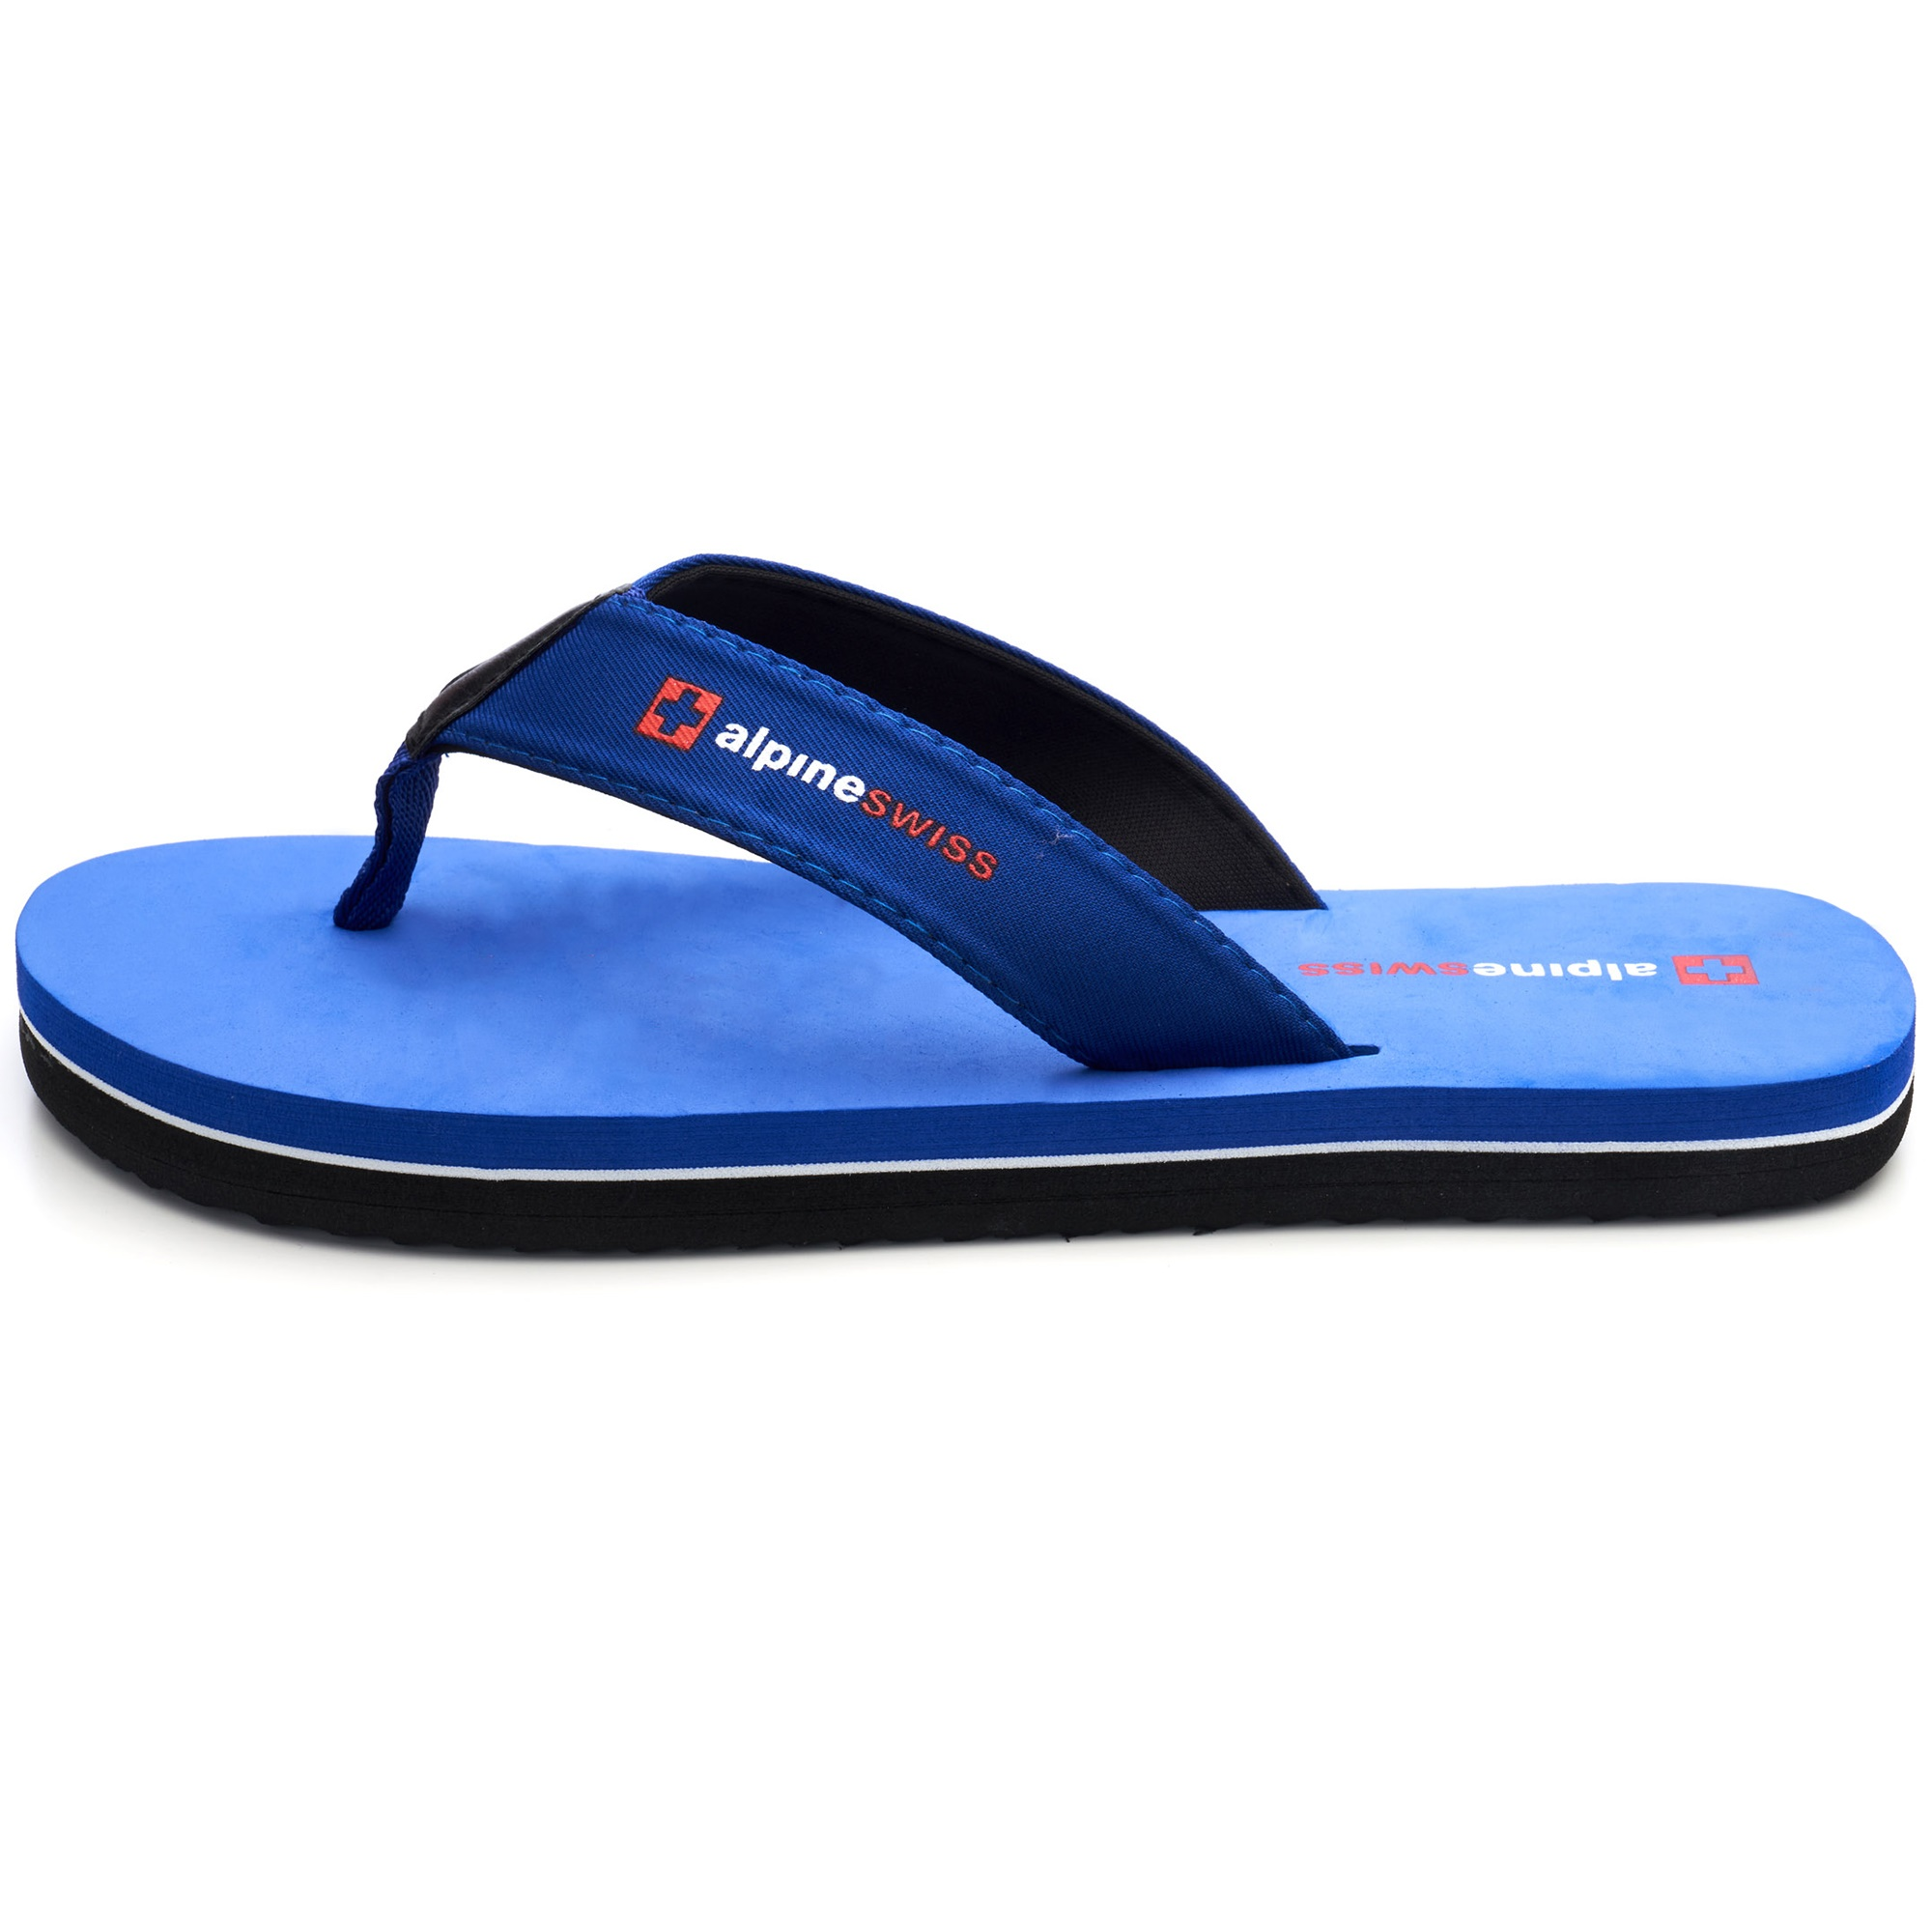 thumbnail 35 - Alpine Swiss Mens Flip Flops Beach Sandals Lightweight EVA Sole Comfort Thongs